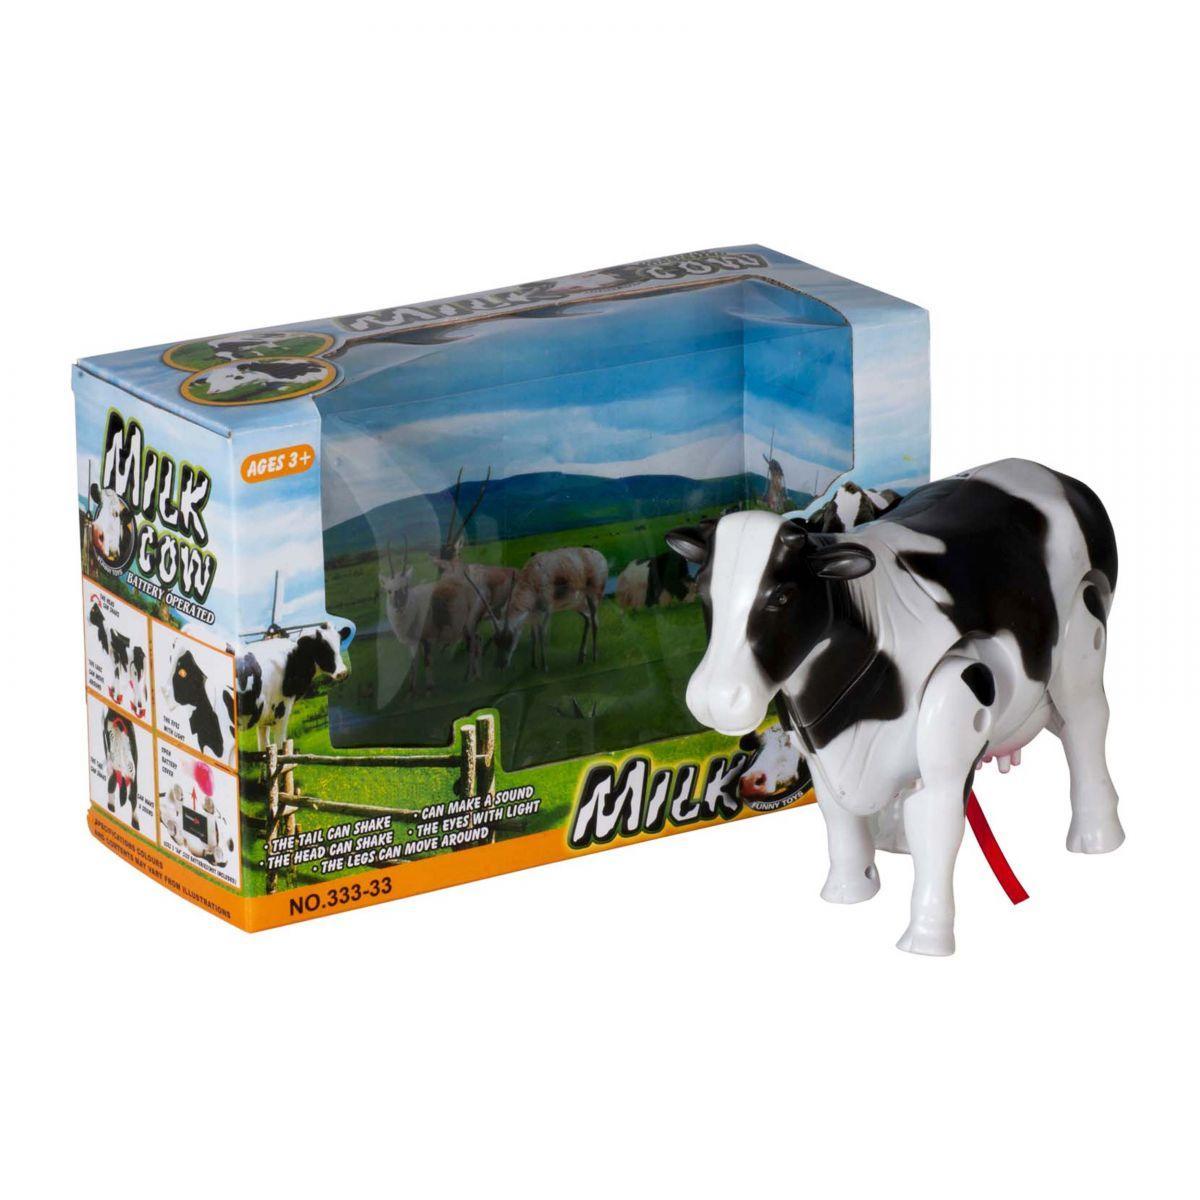 Роботизированная корова, со звуковыми и световыми эффектами, 333-33